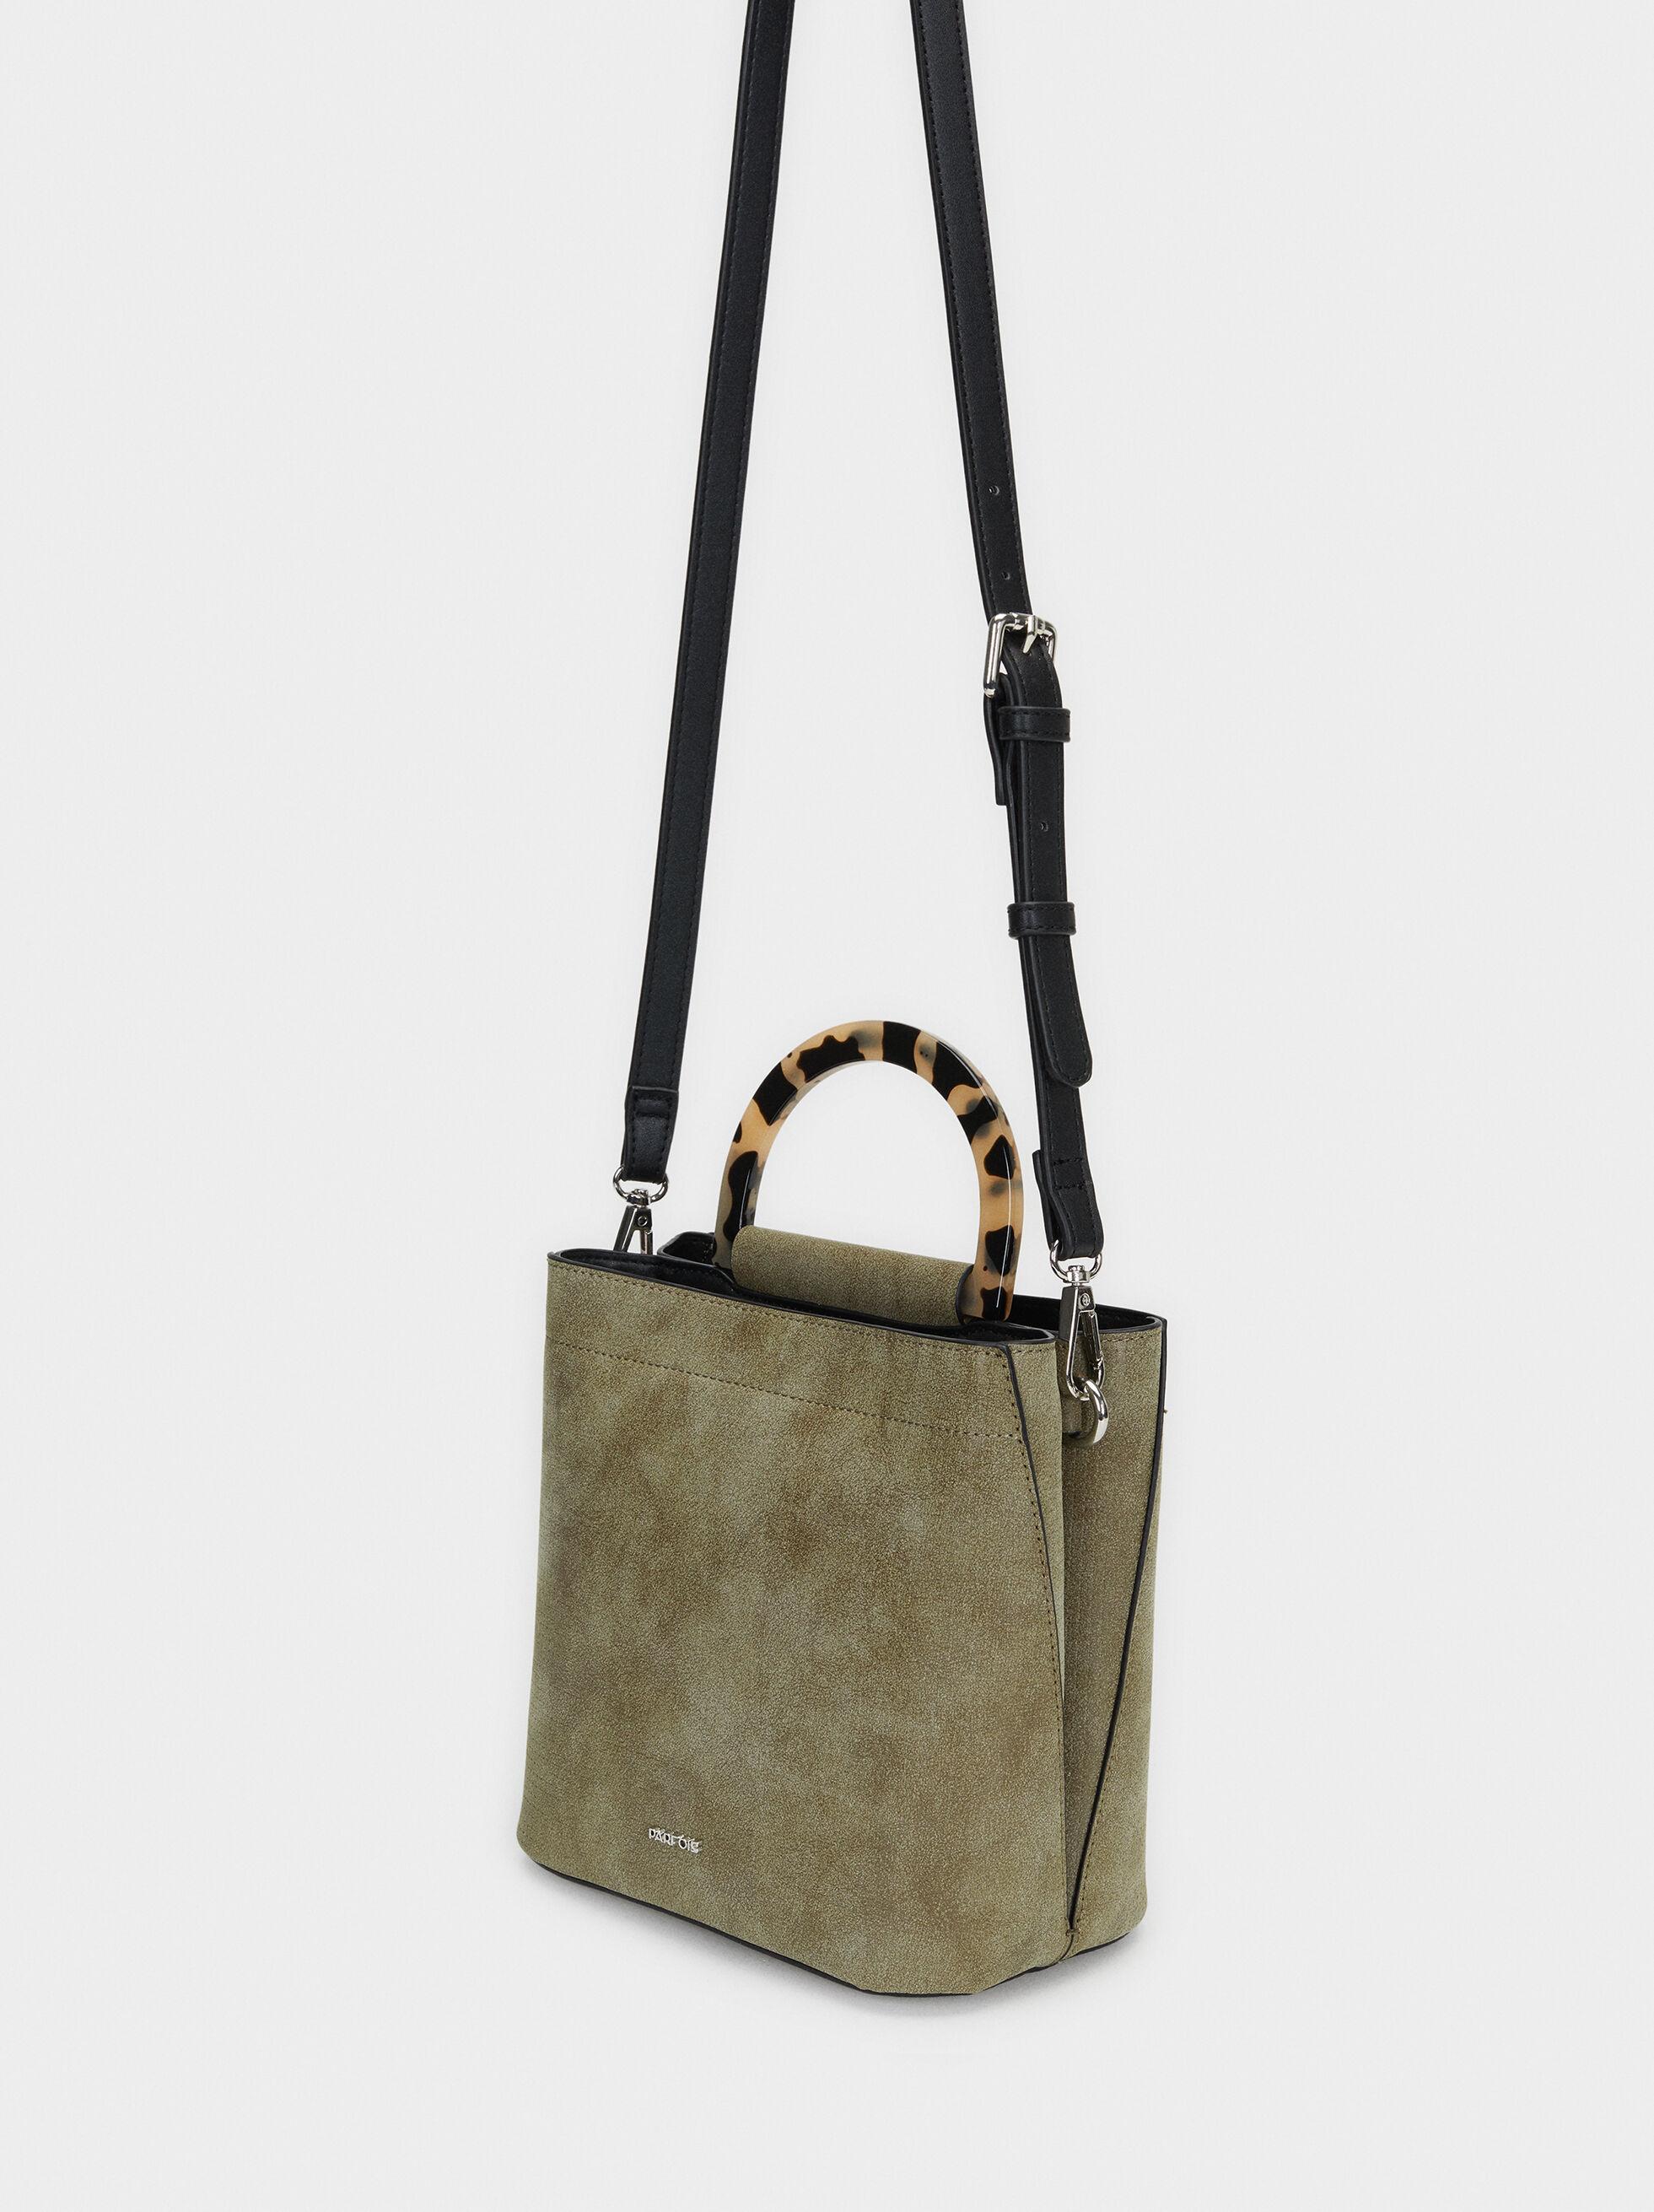 Bucket Bag With Tortoiseshell Handle, Khaki, hi-res